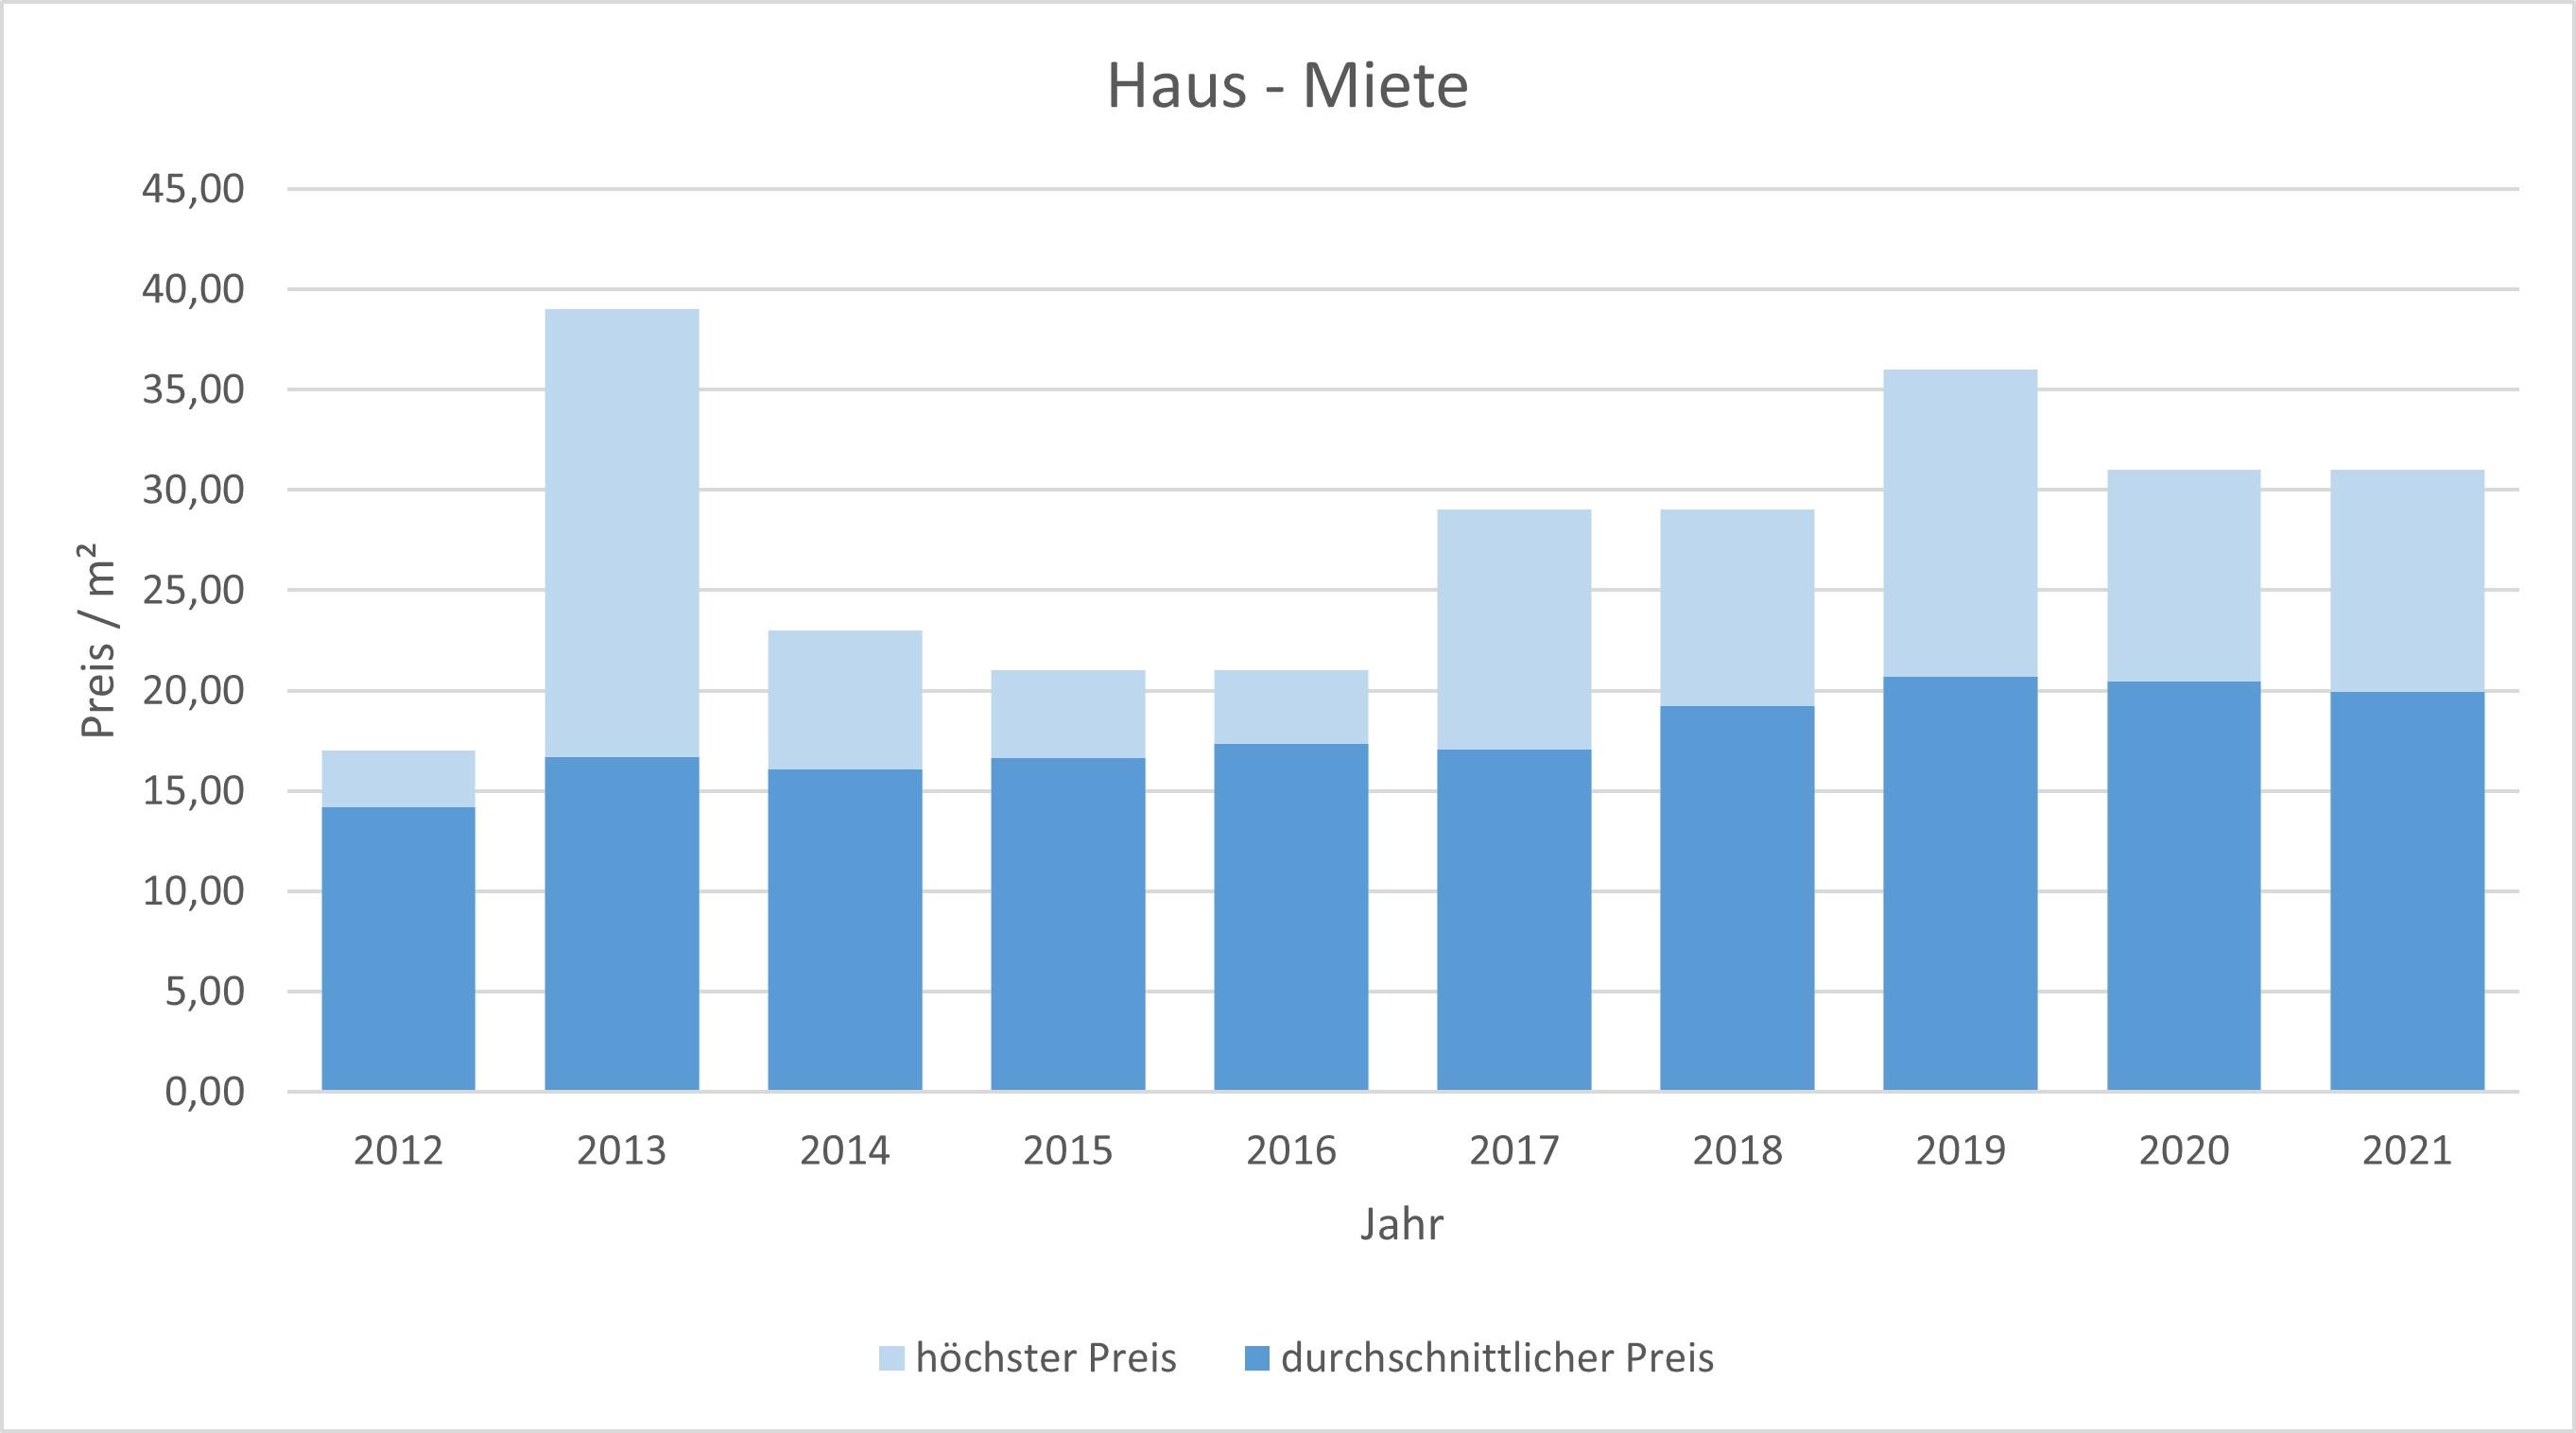 München - Freimann Haus mieten vermieten Preis Bewertung Makler www.happy-immo.de 2019 2020 2021